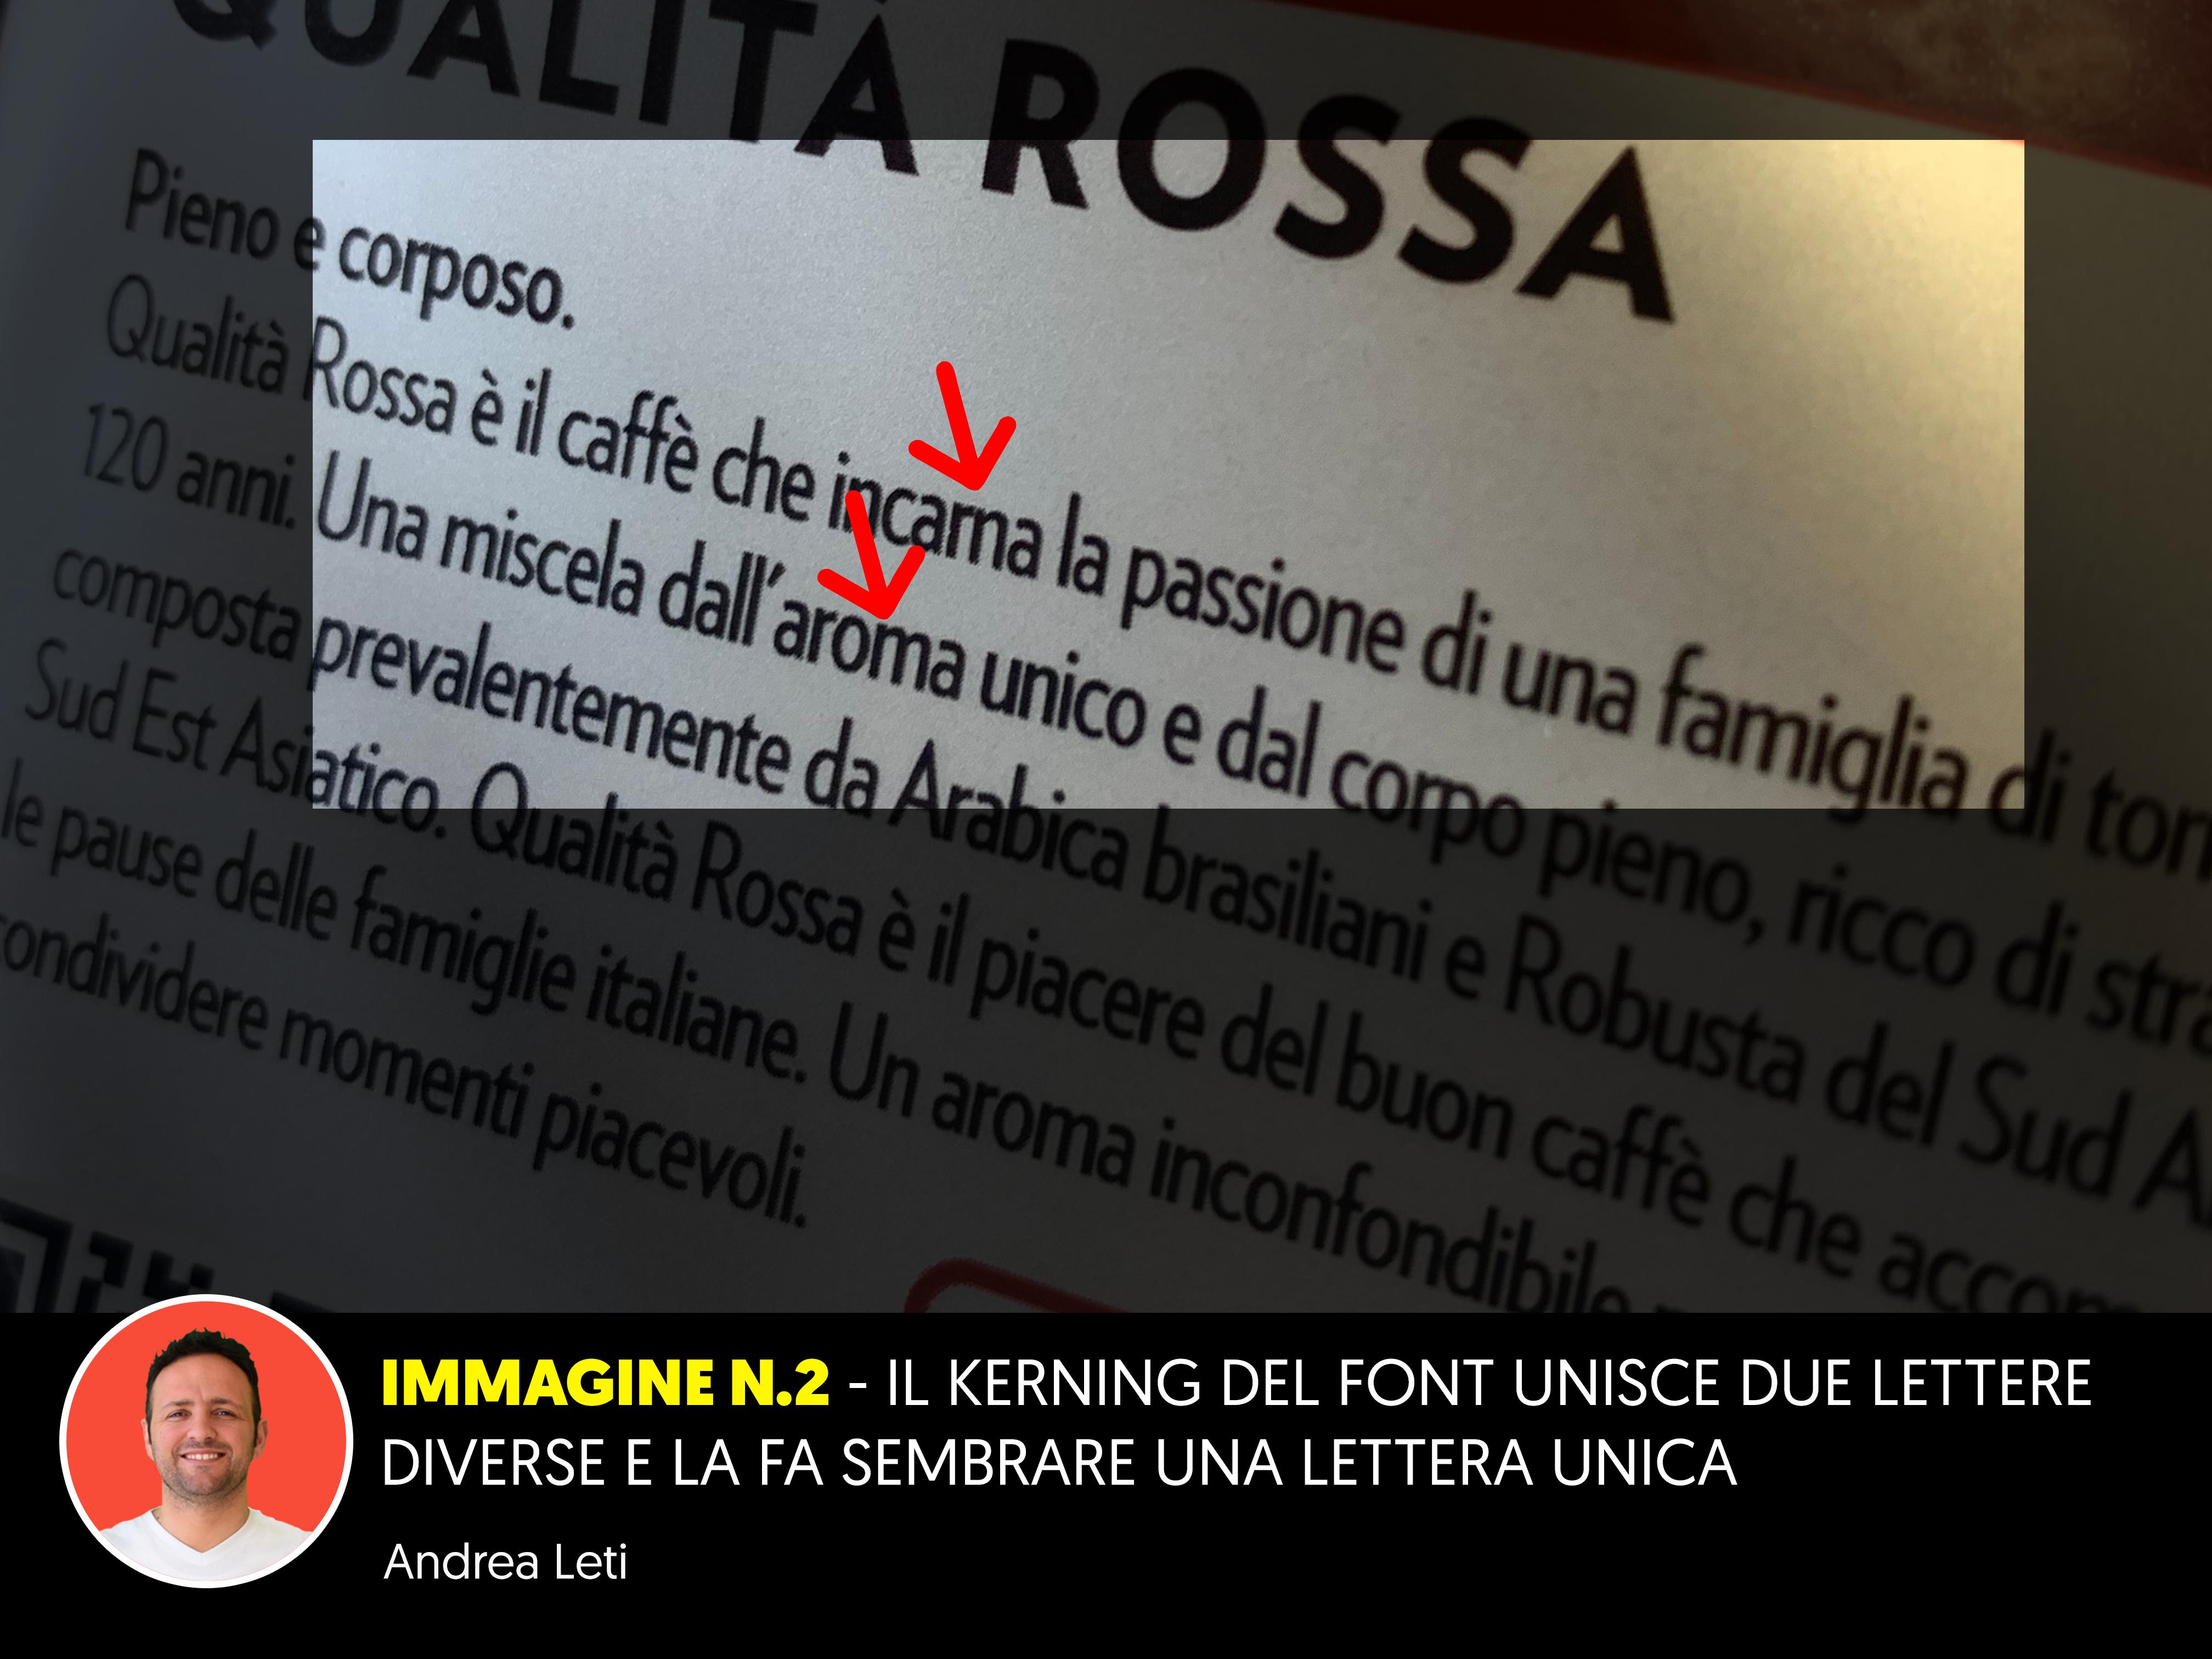 Scelta del font sbagliato